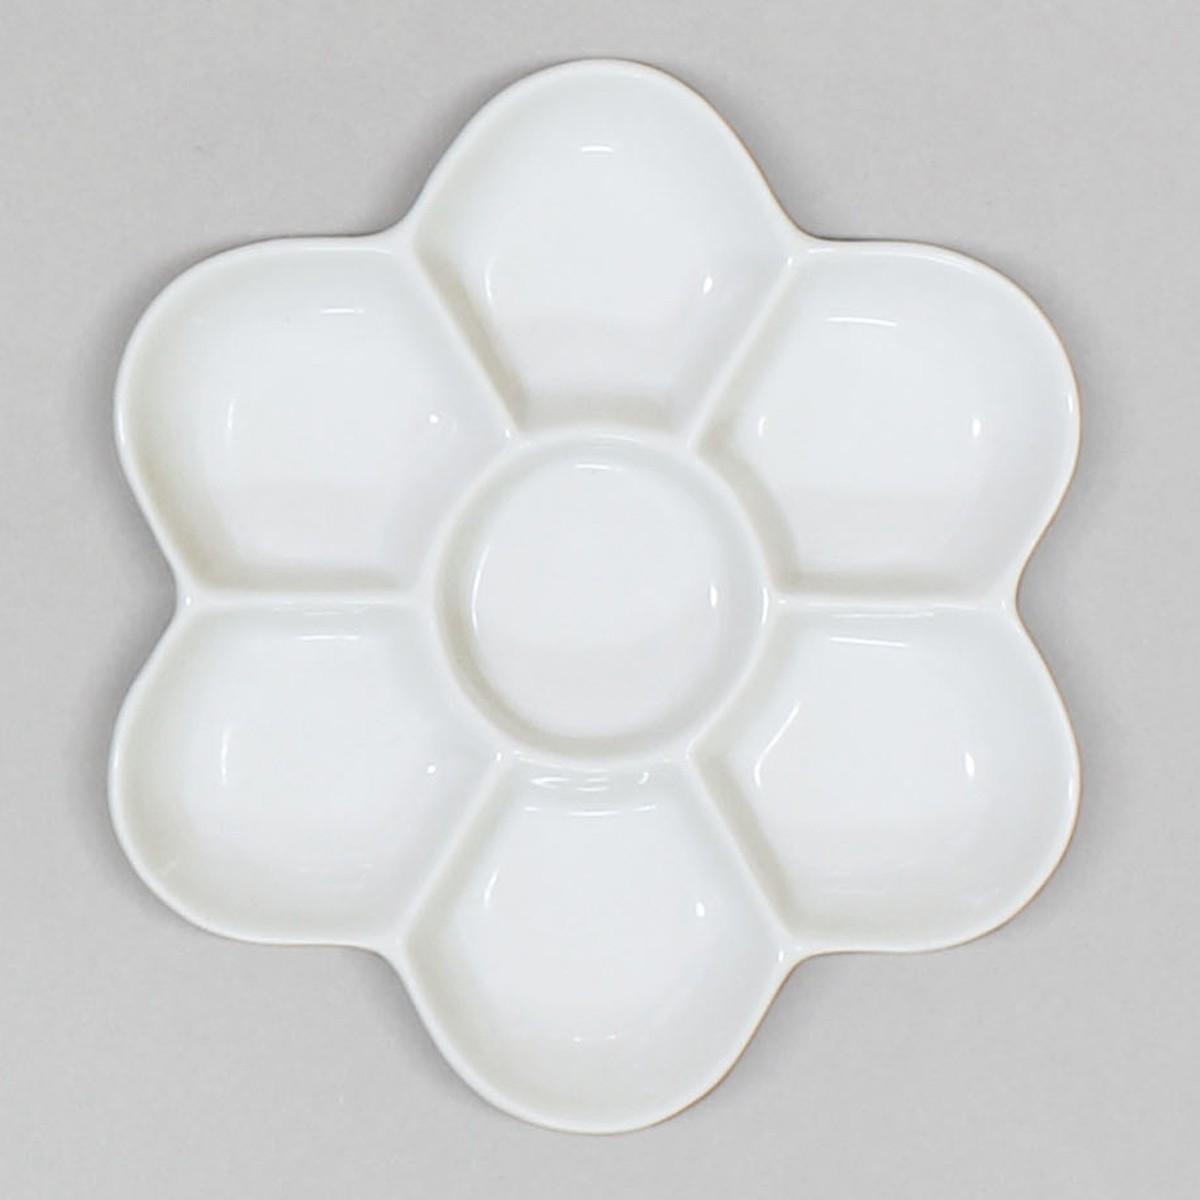 えのぐを混ぜるのに便利です 梅皿 径150mm 陶器製 出色 テレビで話題 深型 皿 パレット えのぐ 絵具皿 絵具